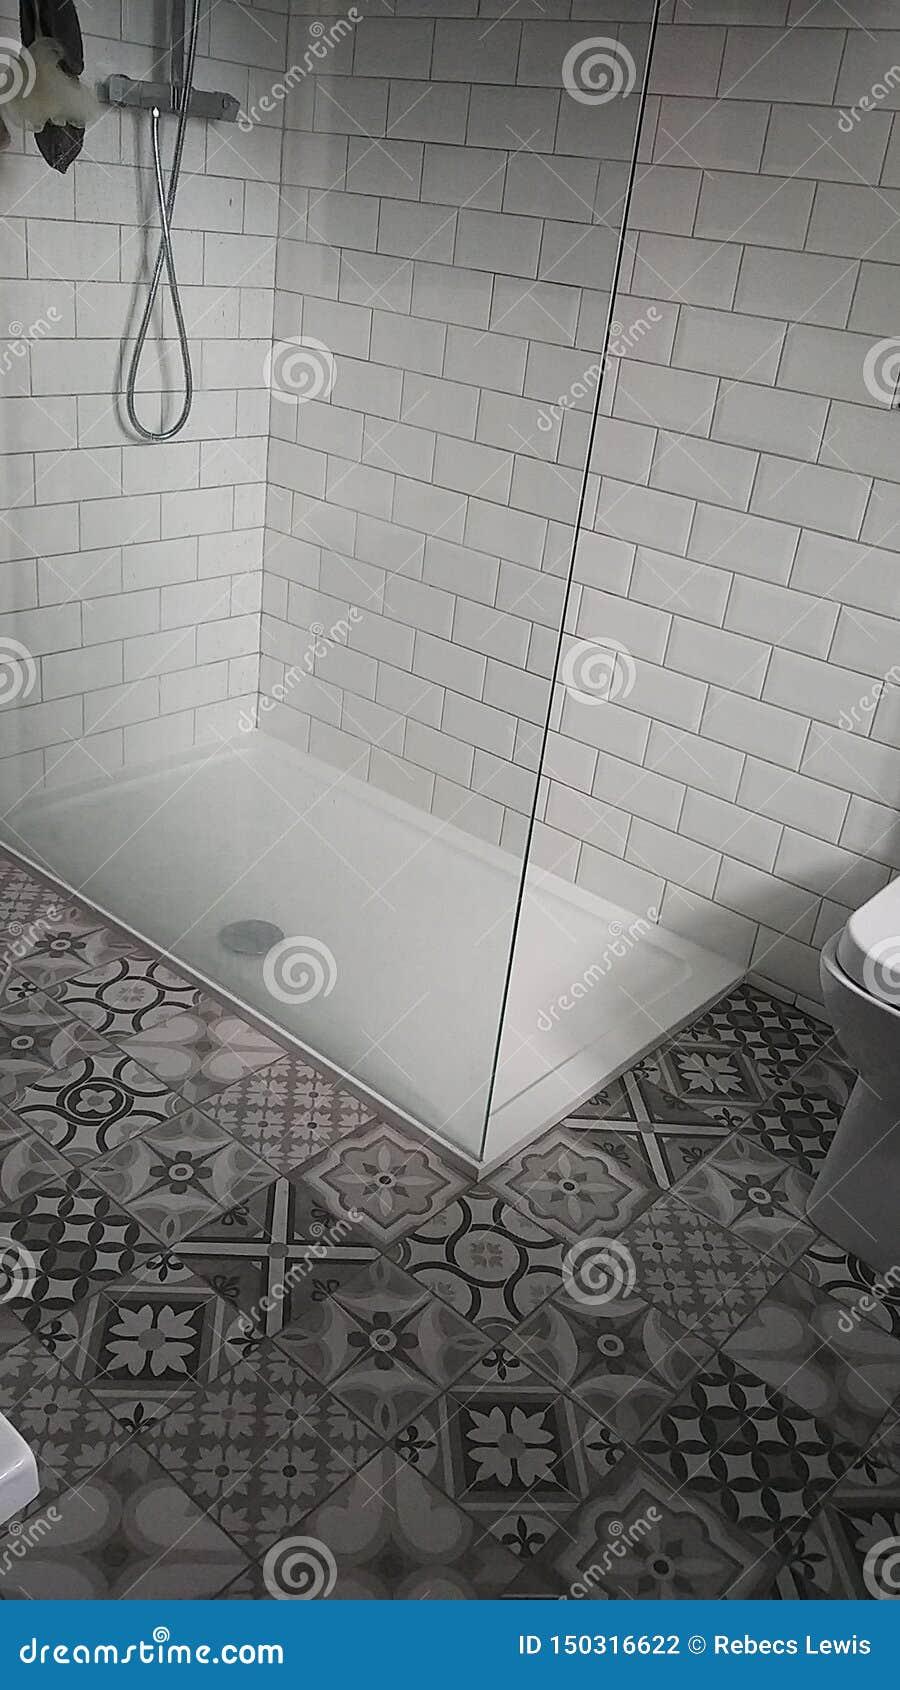 Promenade de compartiment de douche dans la douche